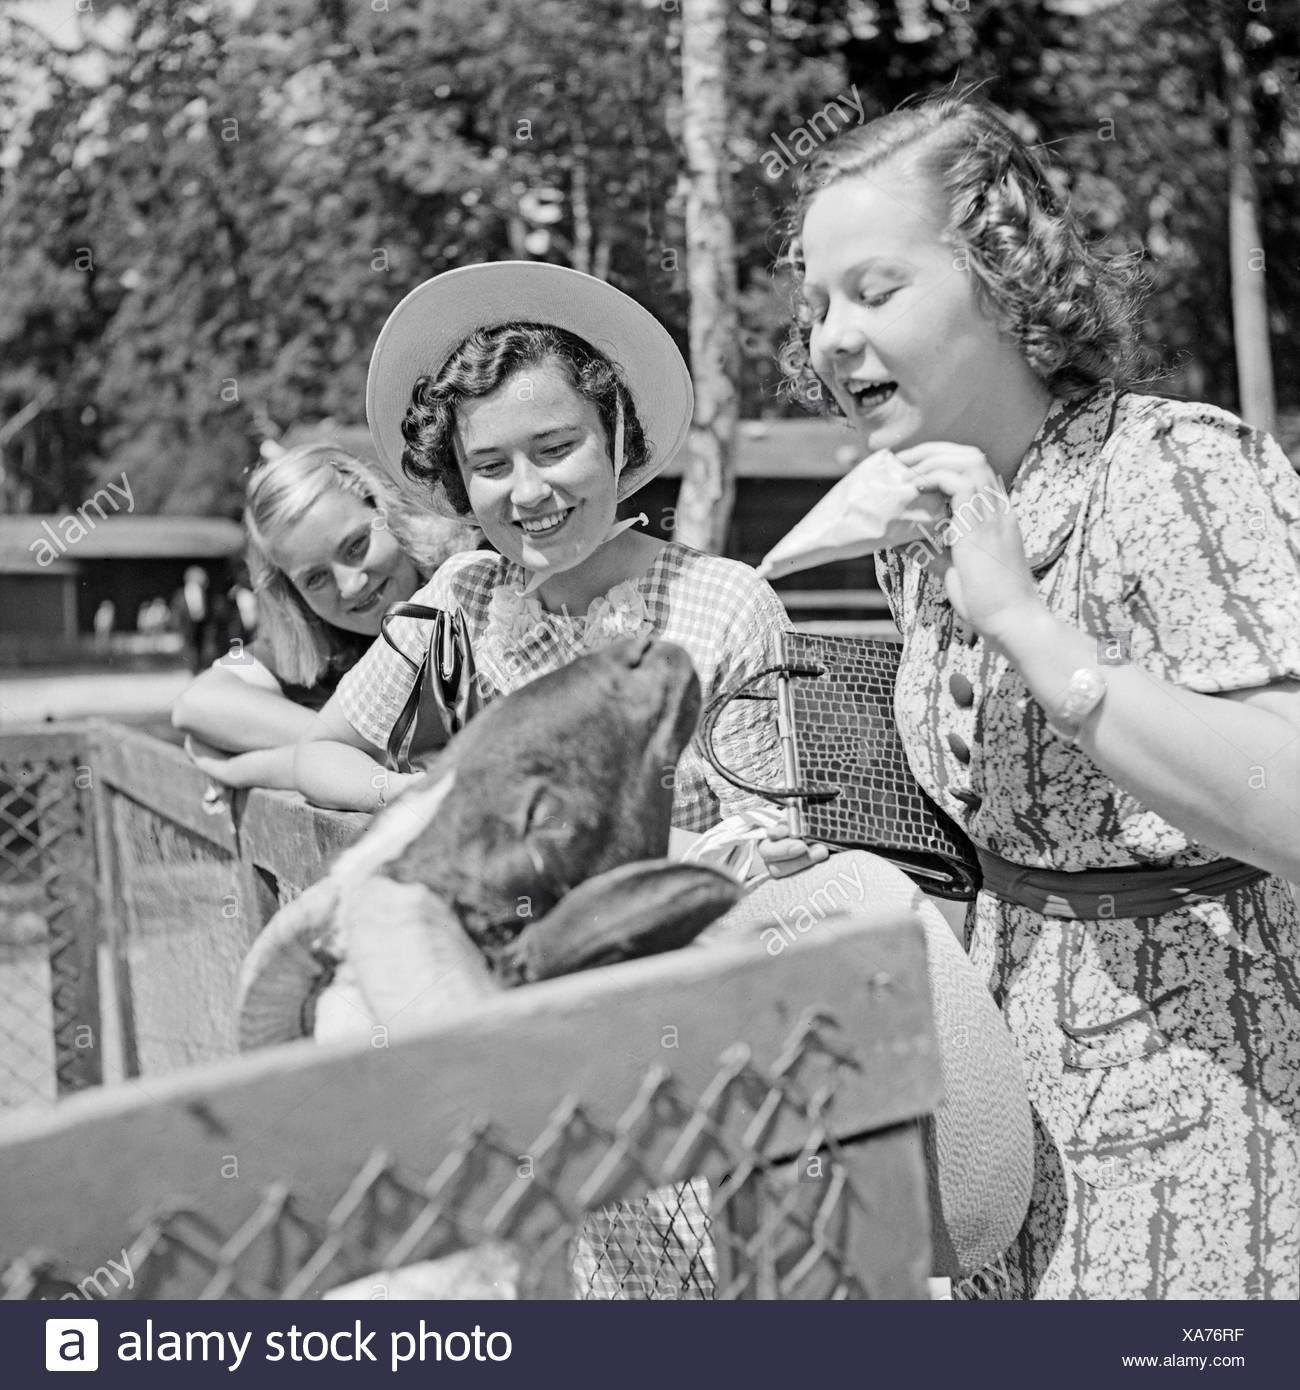 Drei Junge Frauen bin Ziegengehege Im Wilhelma Tierpark in Stuttgart, Deutschland, 1930er Jahre. Drei junge Frauen bei der Ziege Verbindung an Wilhelma Zoologischer Gärten in Stuttgart, Deutschland der 1930er Jahre. Stockbild